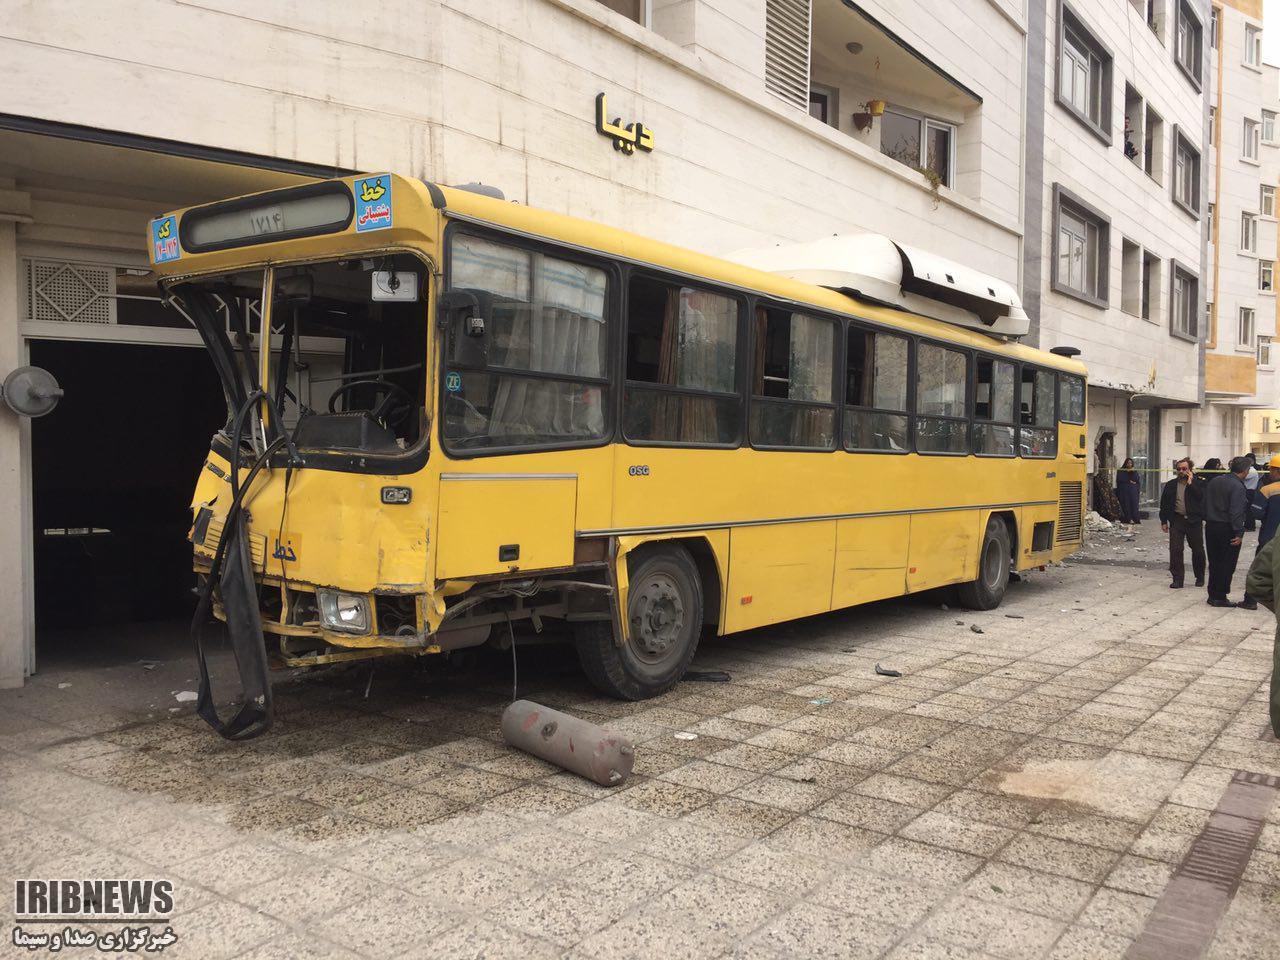 تصادف موتور سنگین در شیراز توجه نکردن به جلو، علت حادثه تصادف امروز شیراز